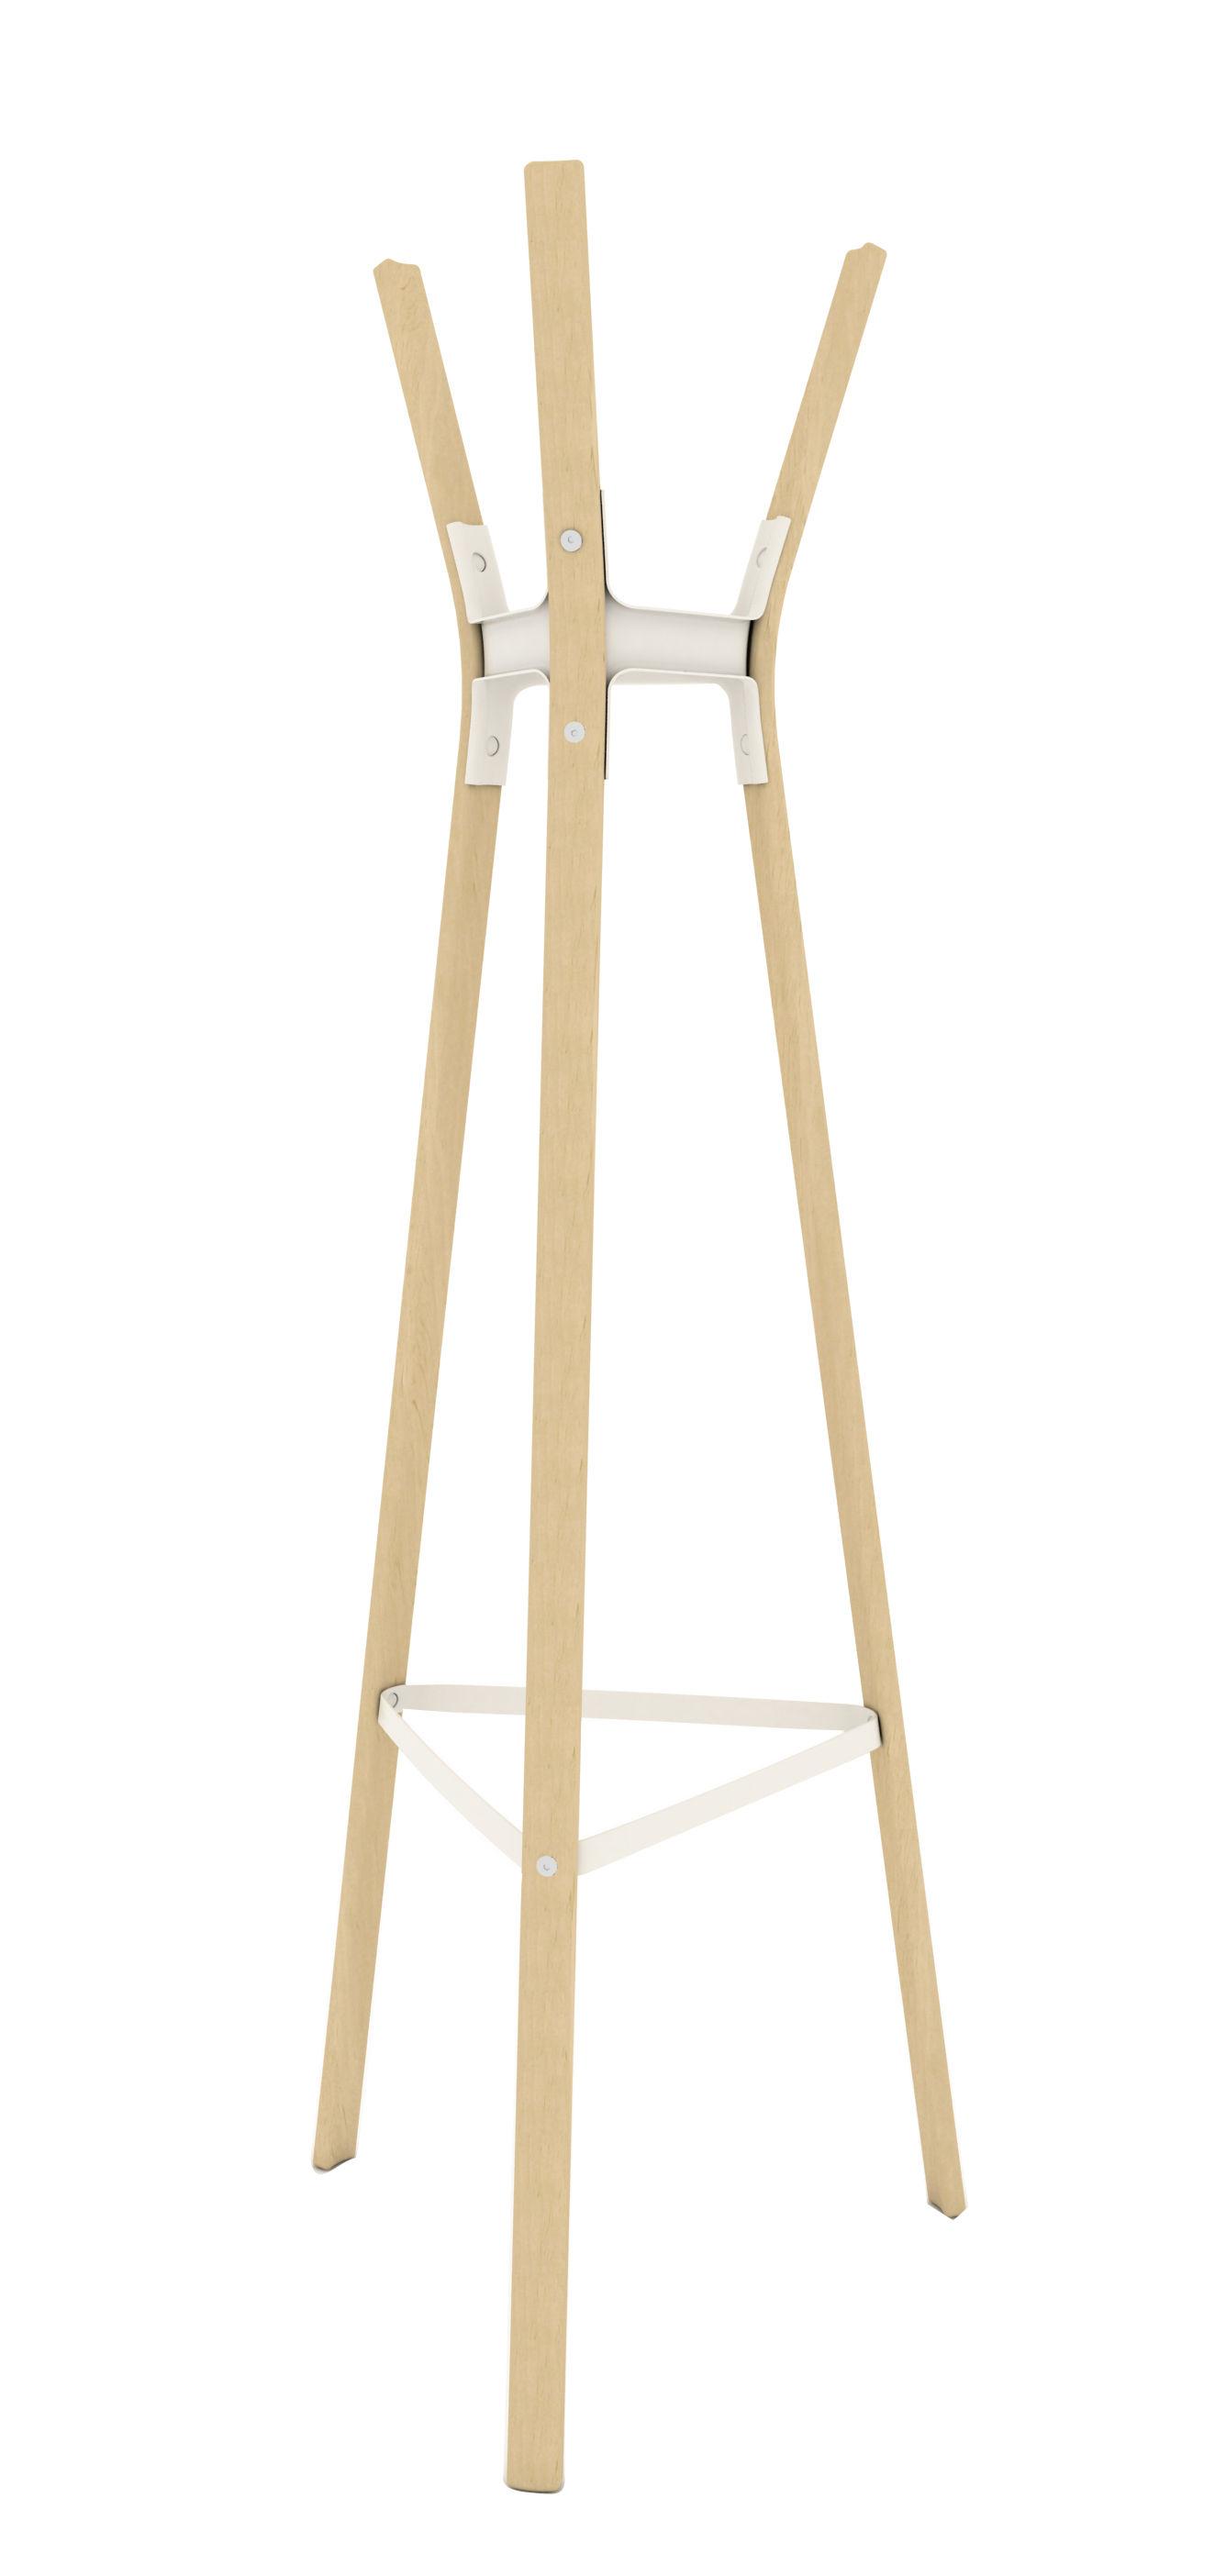 Arredamento - Appendiabiti  - Appendiabiti Steelwood di Magis - Bianco / Faggio - Acciaio verniciato, Faggio